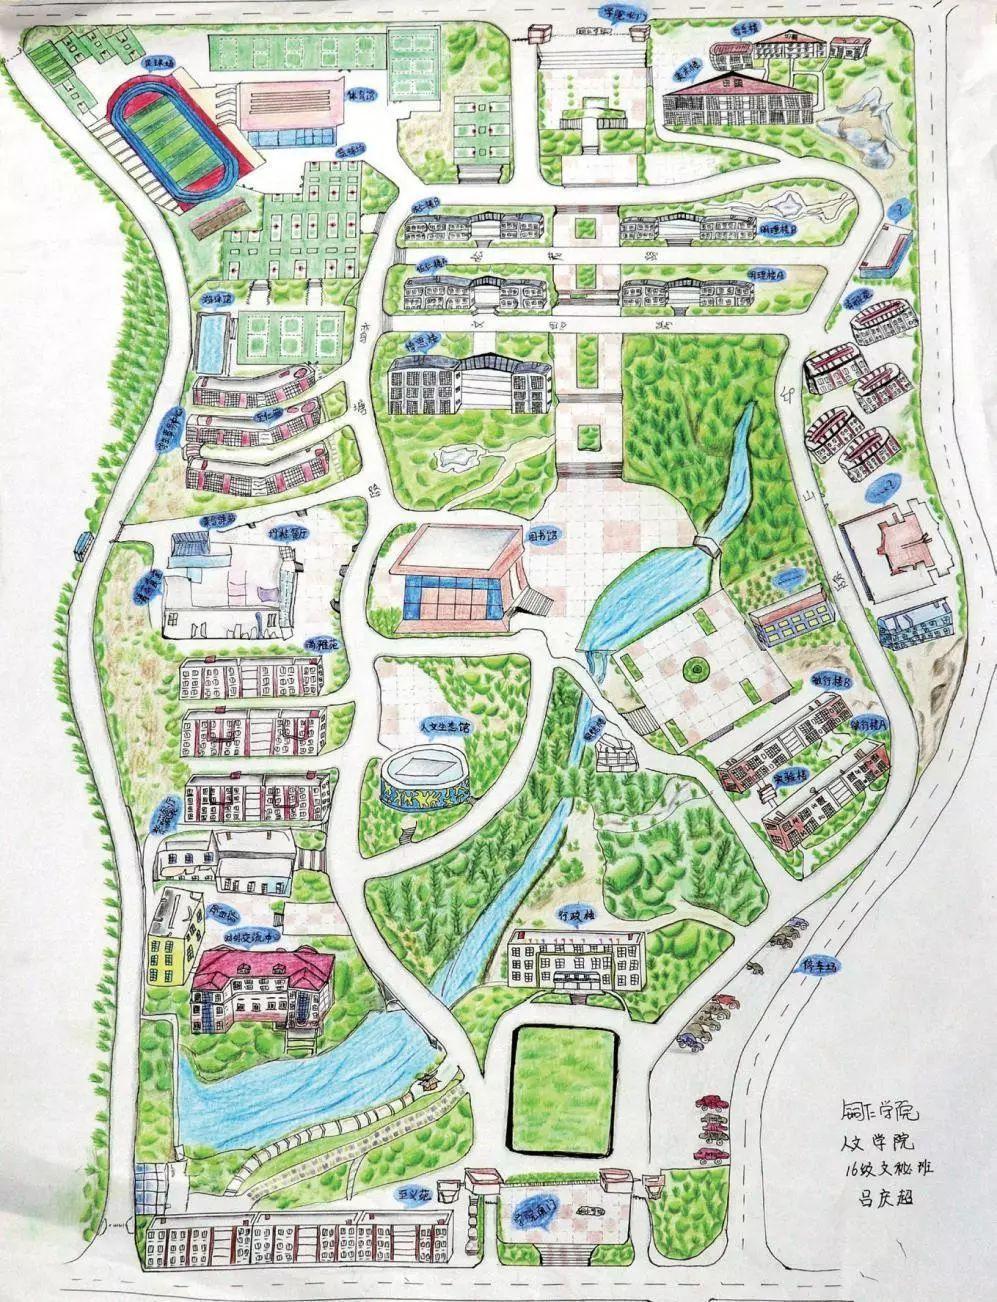 贵州商学院 贵州师范大学求是学院 贵州民族大学人文科技学院 贵州